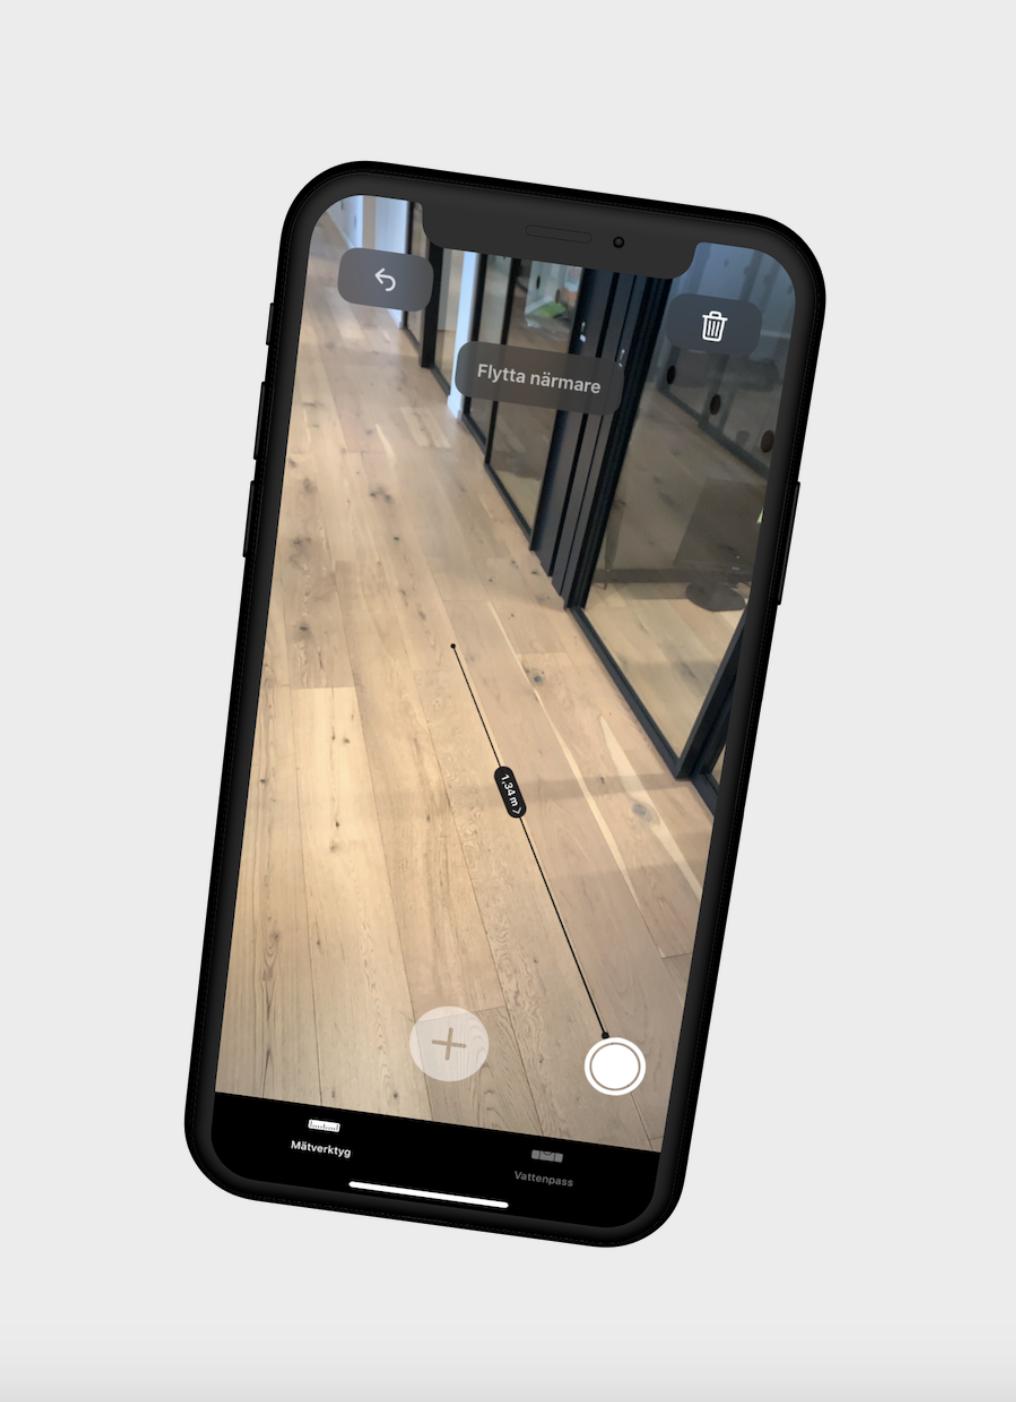 Done visar hur du mäter ditt golv i mobil